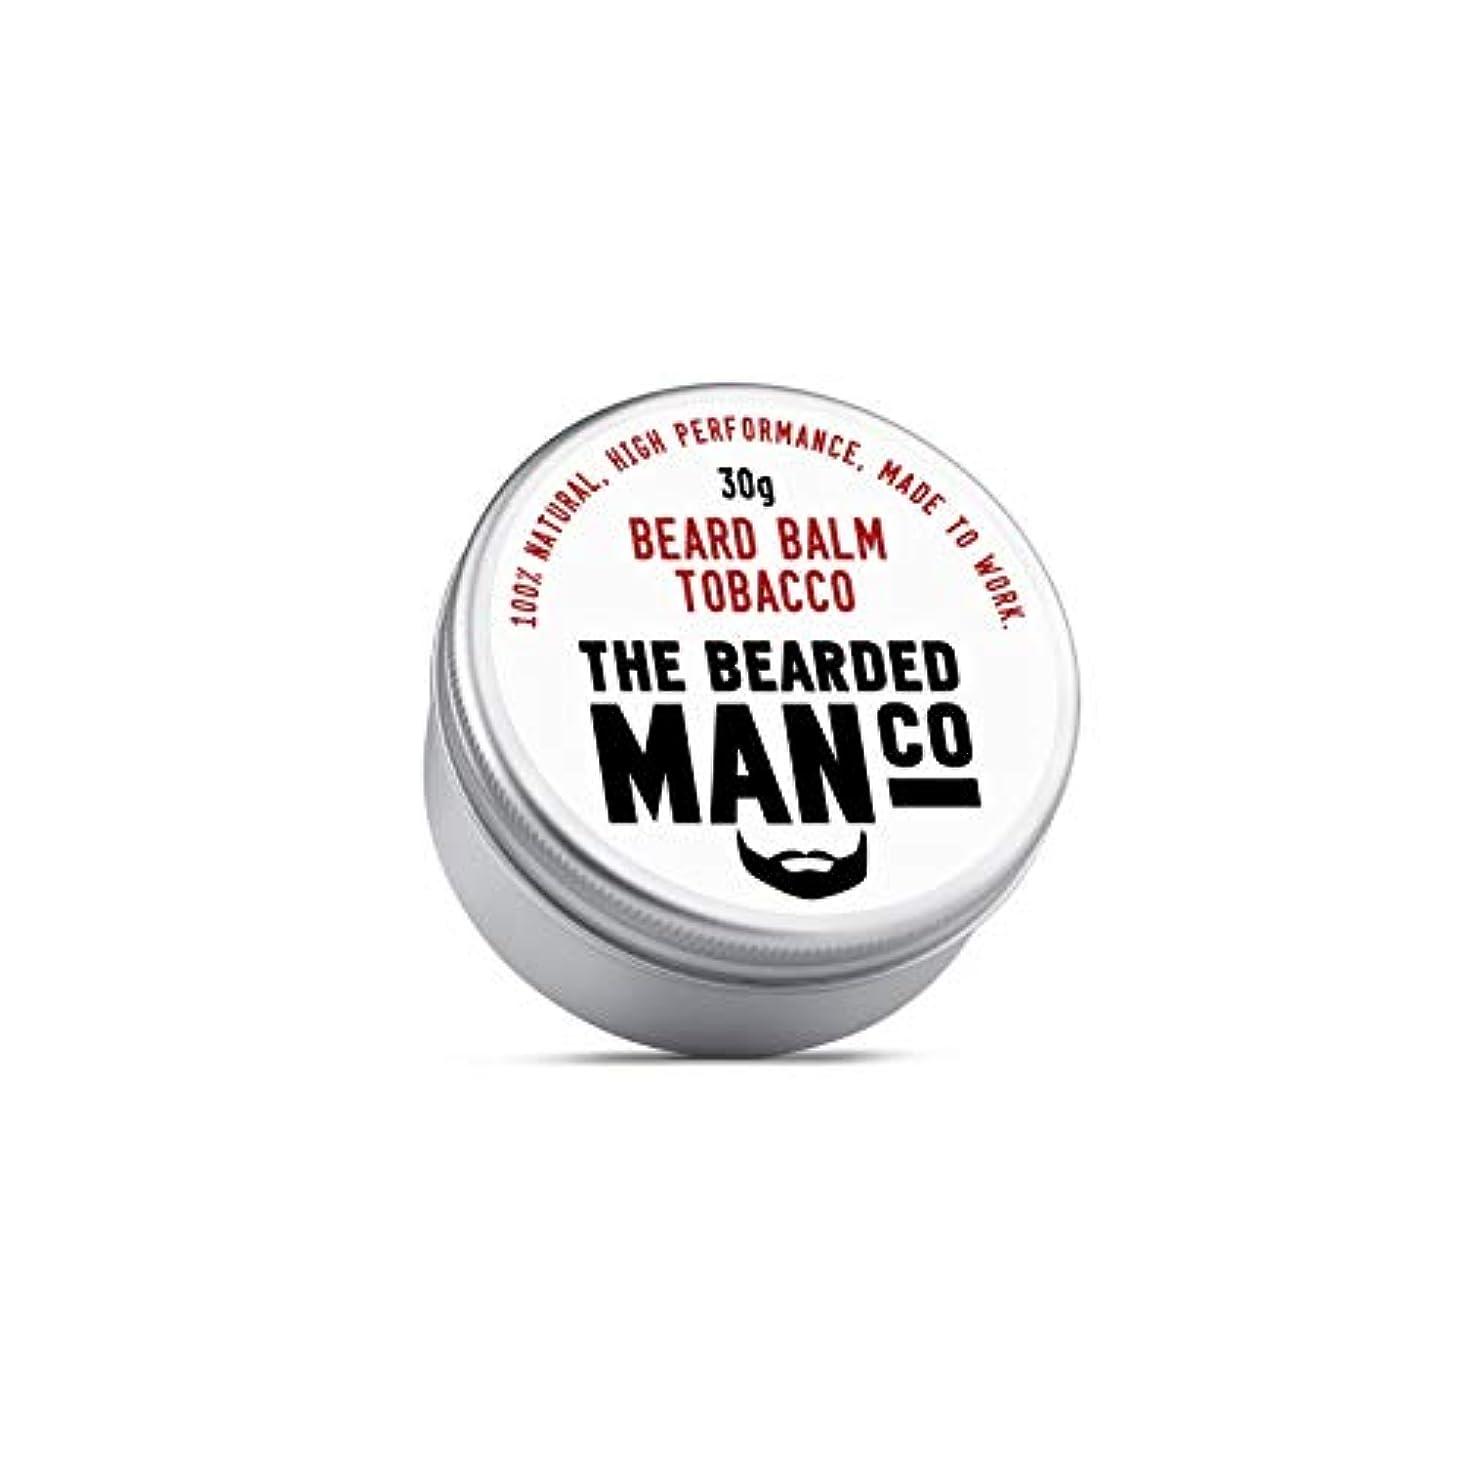 どっち引退する皮肉なひげを生やした男会社タバコ香りひげ香油